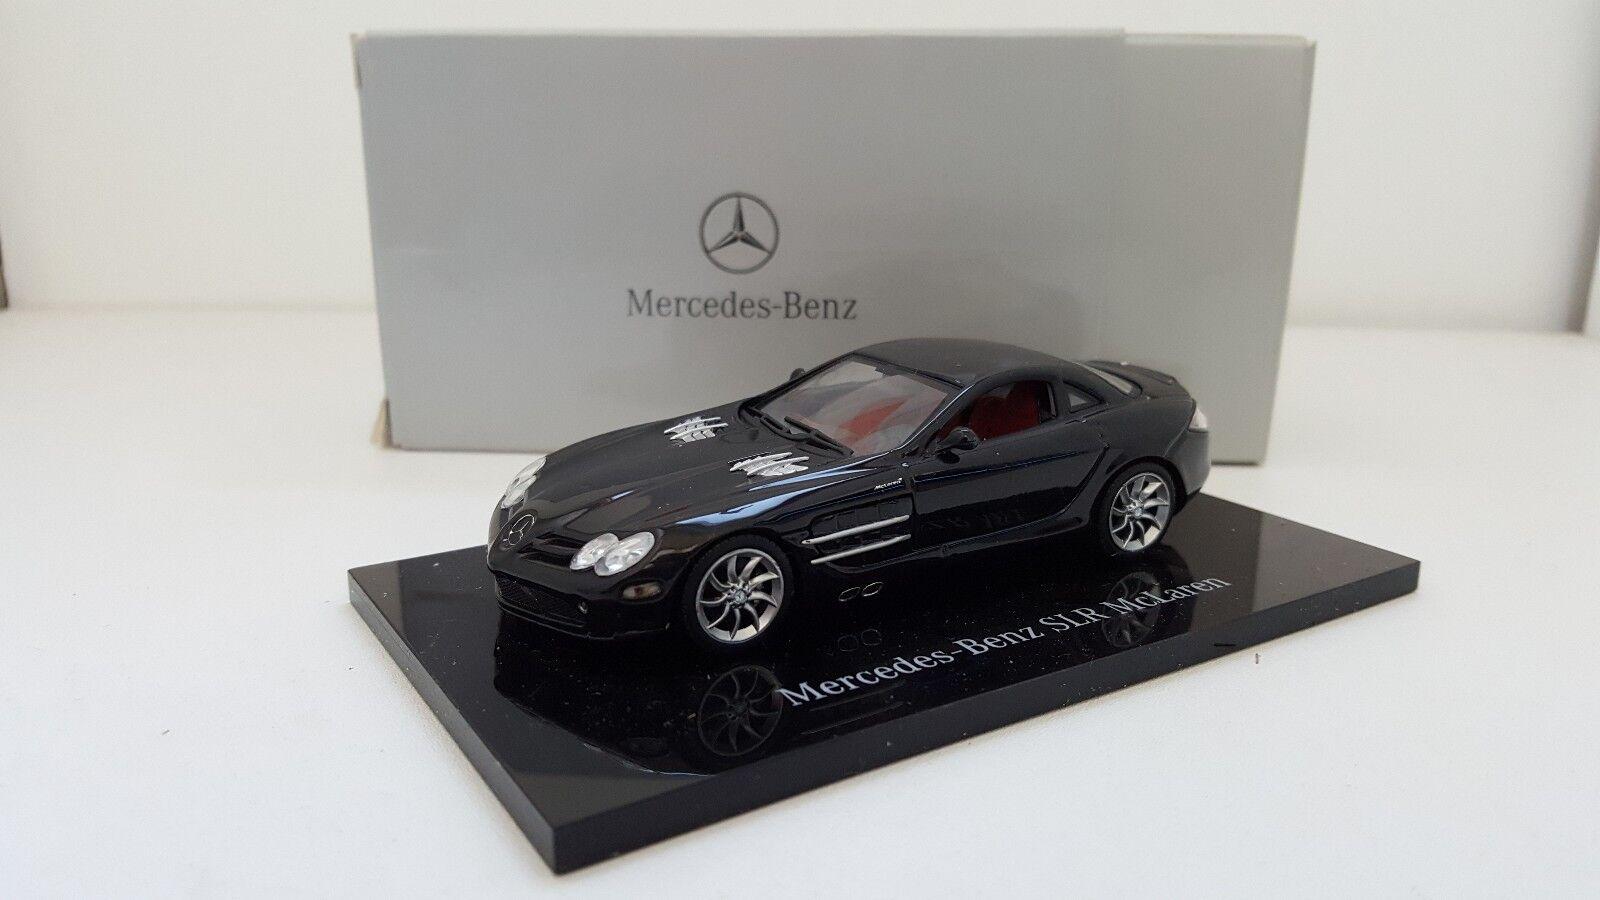 Minichamps - Mercedes-Benz SLR Mc Laren noire (1 43)